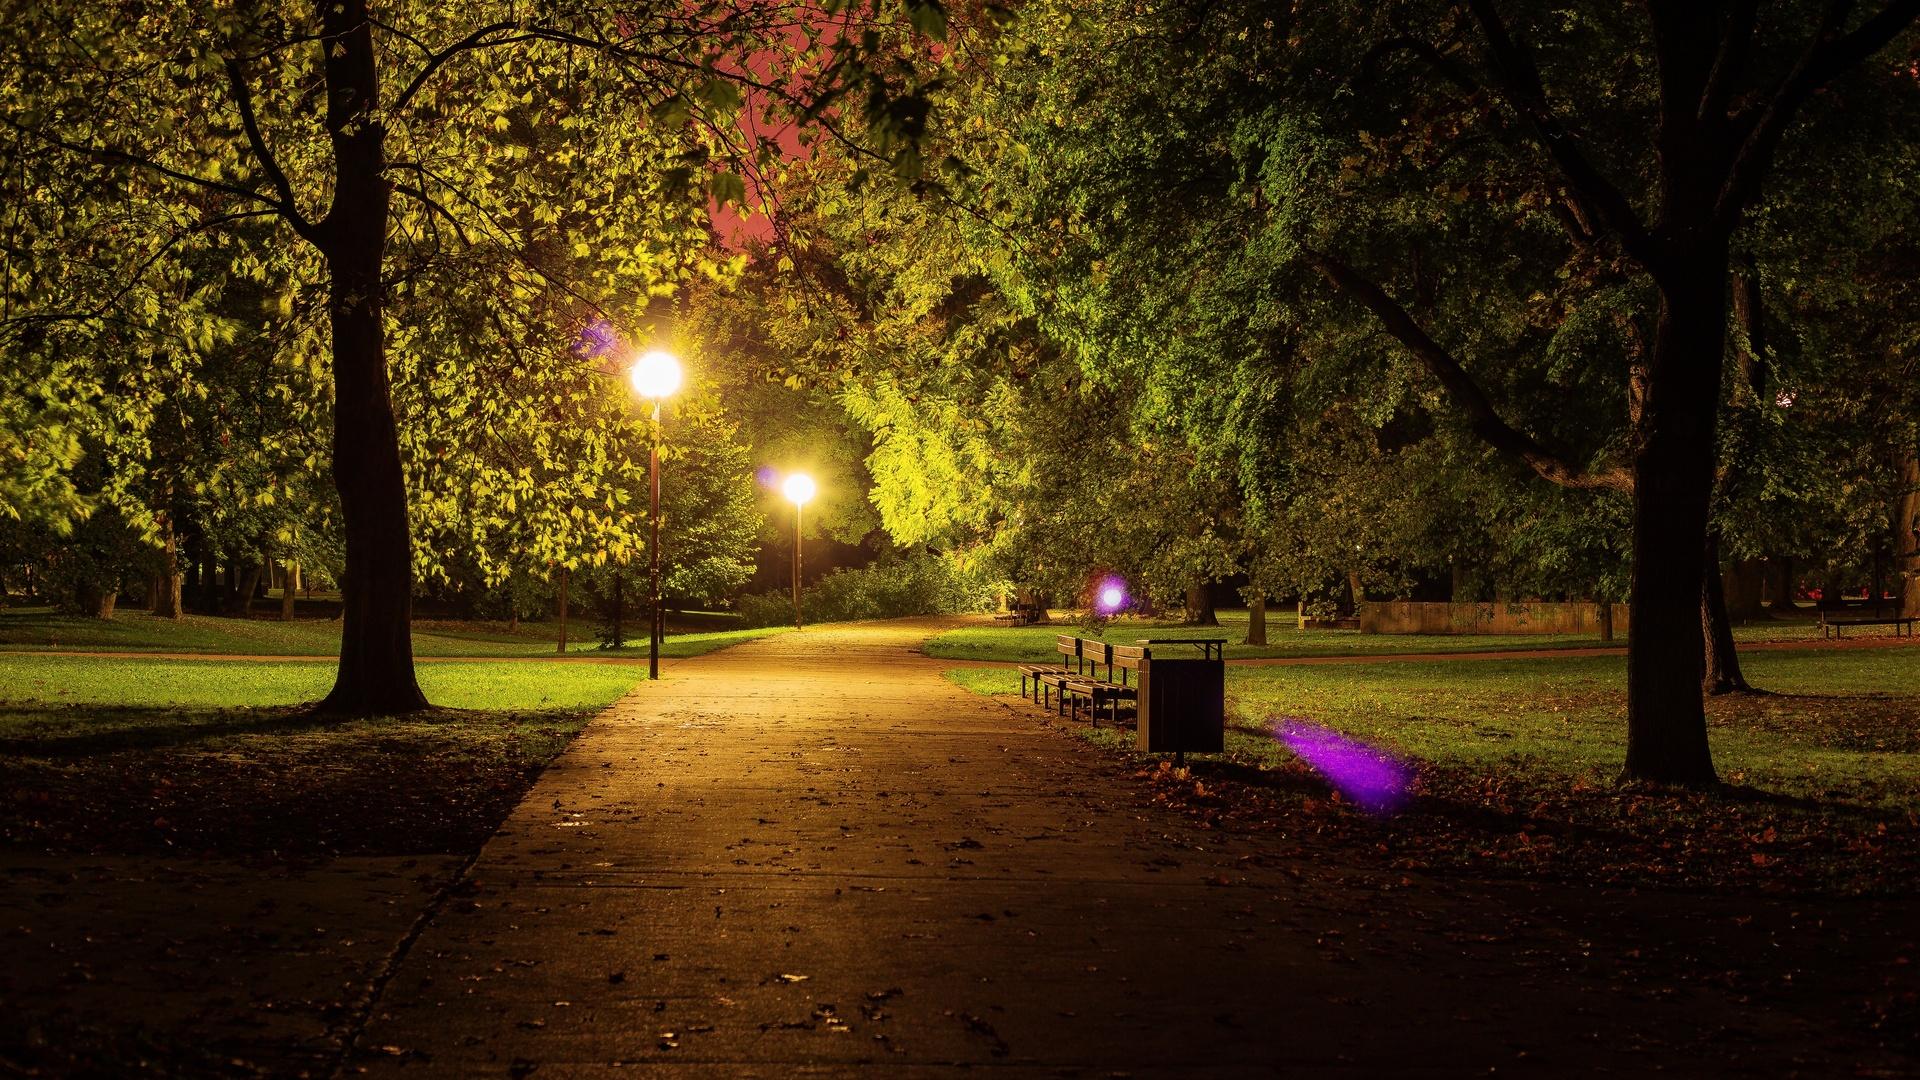 День ангела, картинки красивая ночь в парке